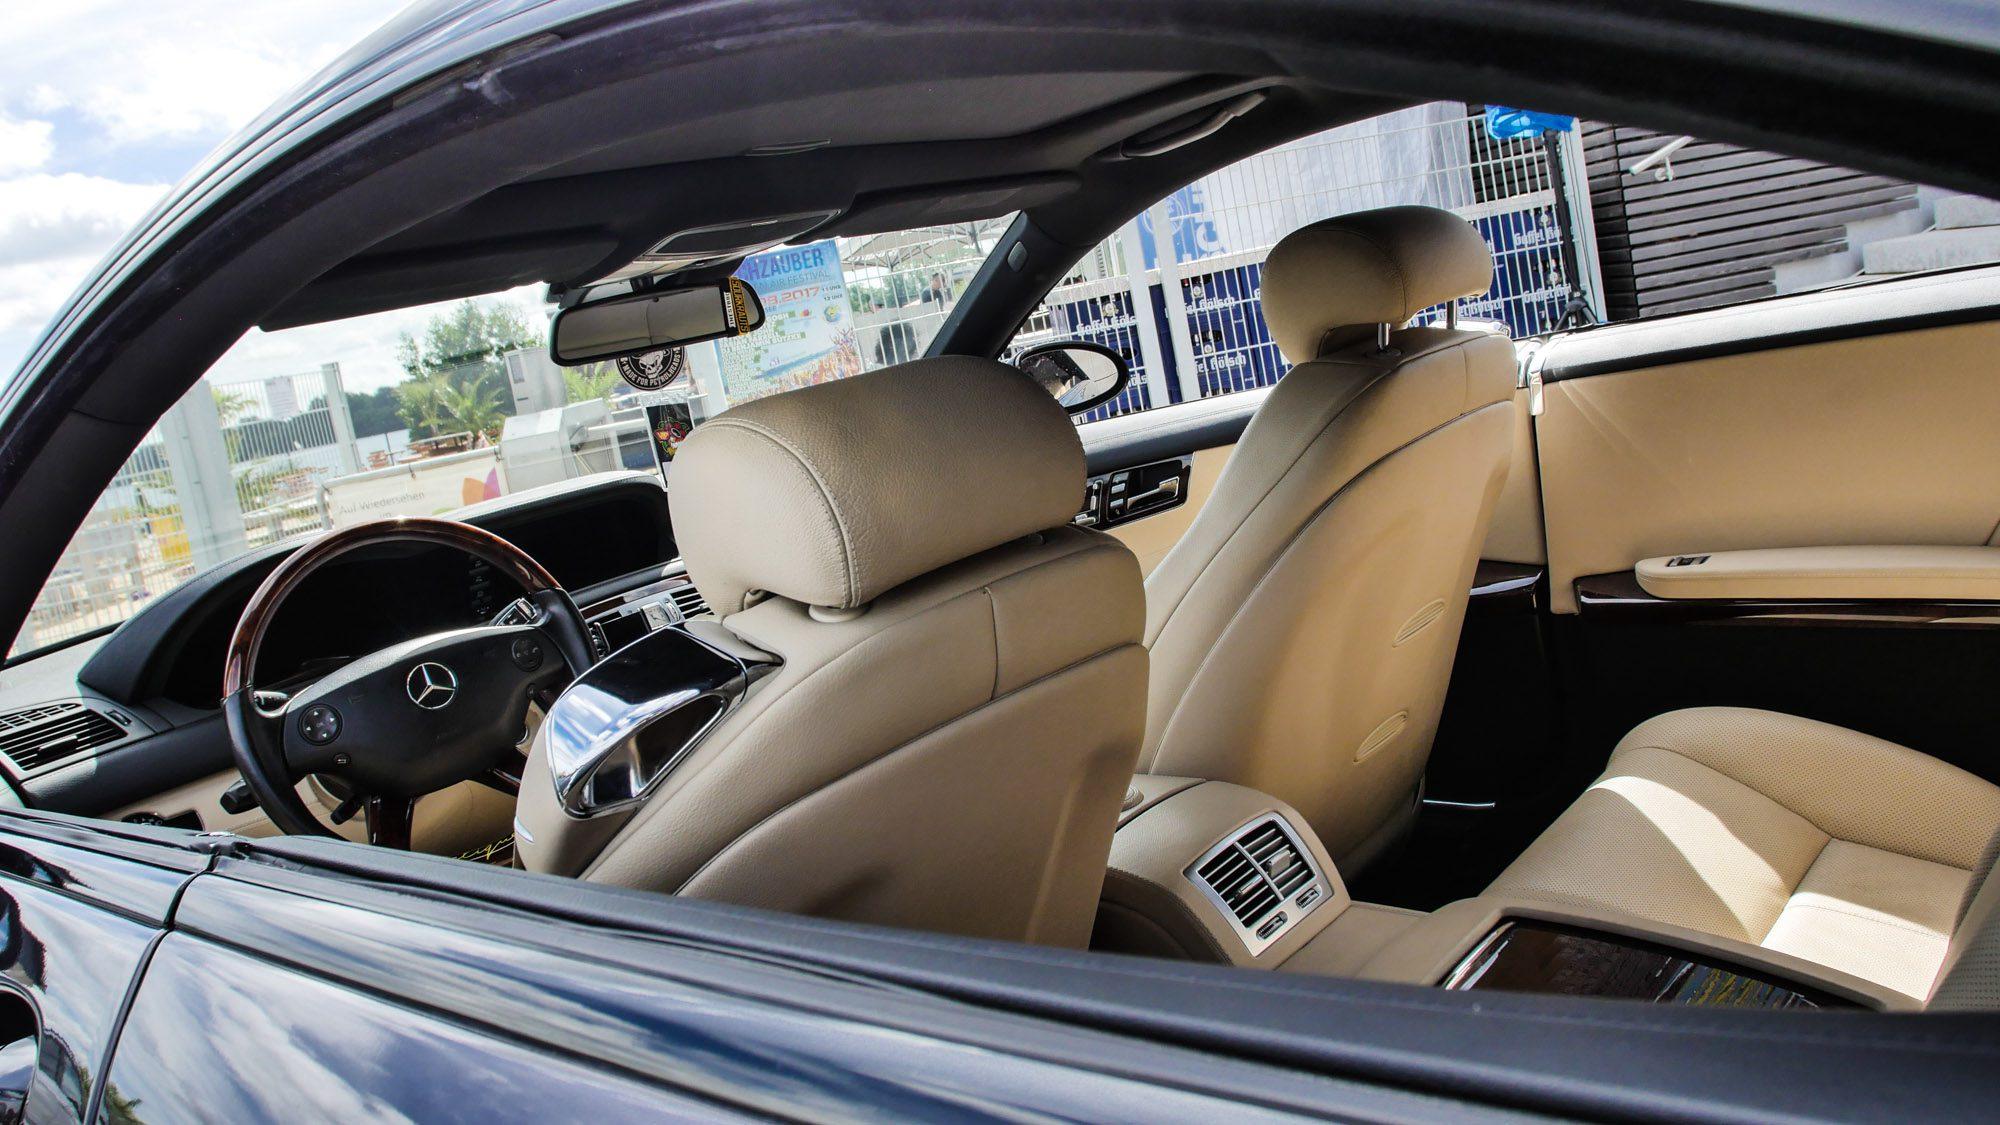 Wer braucht schon eine B-Säule? Der Mercedes CL500 definitiv nicht!